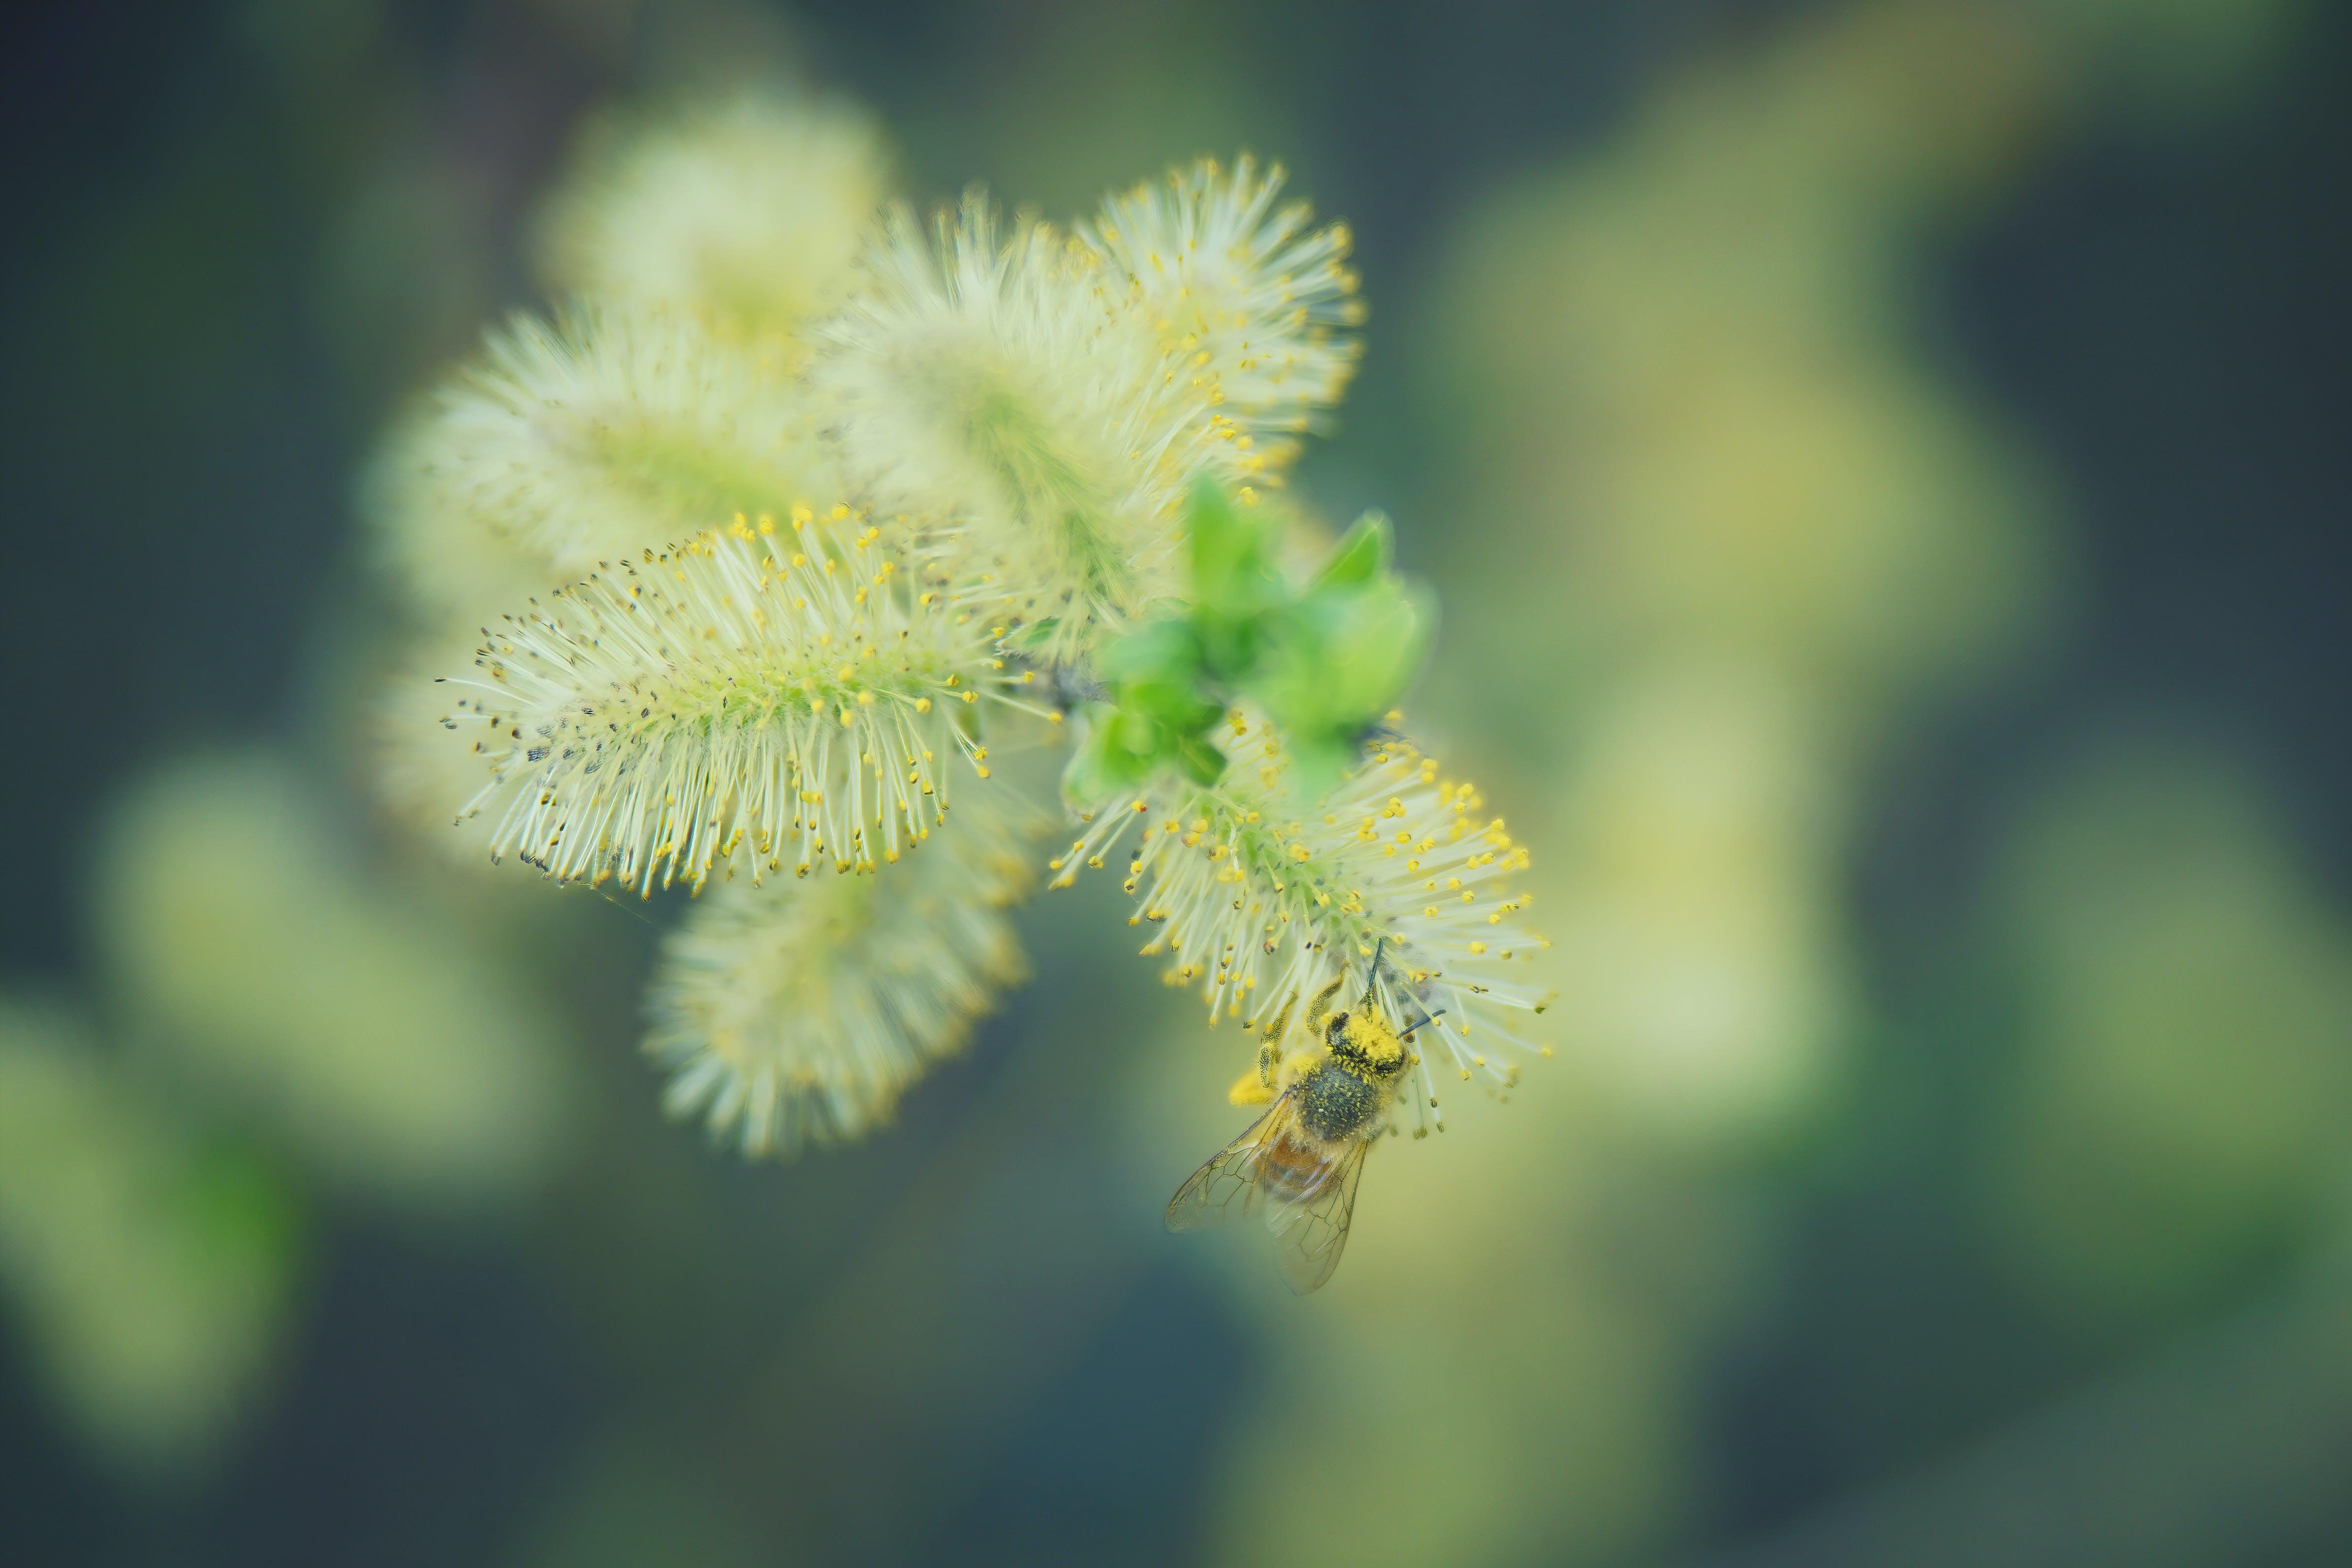 Gratis arkivbilde med bie, fjær, pulver